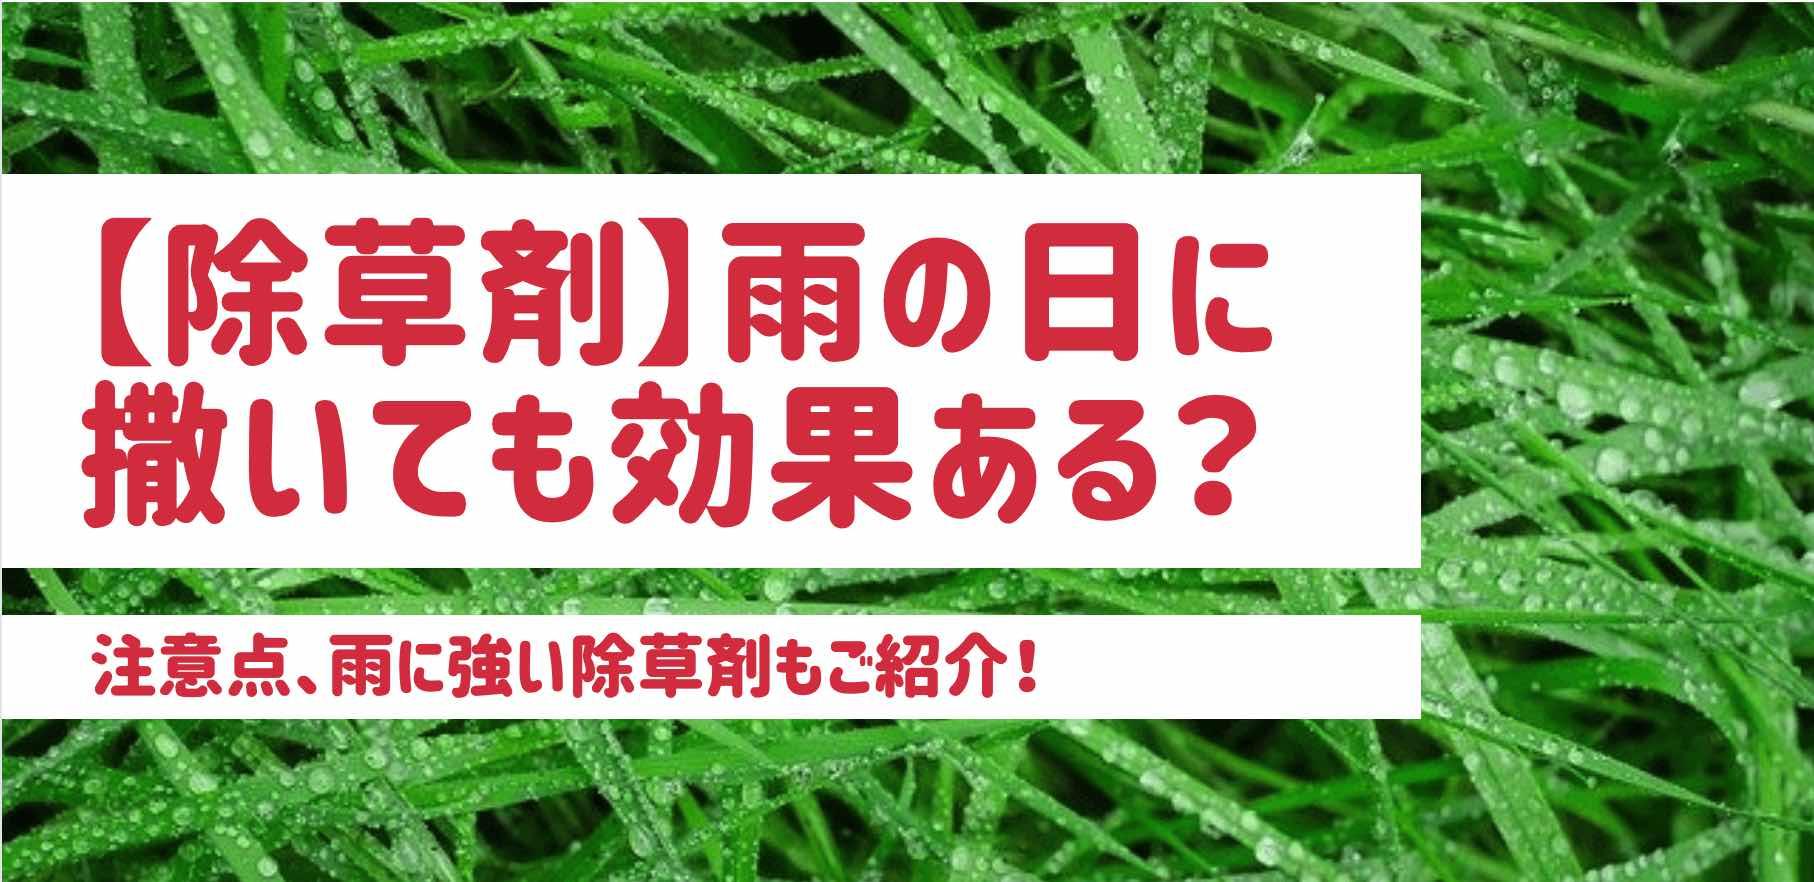 【除草剤】雨の日に撒いても効果ある?|雨に強い除草剤もご紹介!